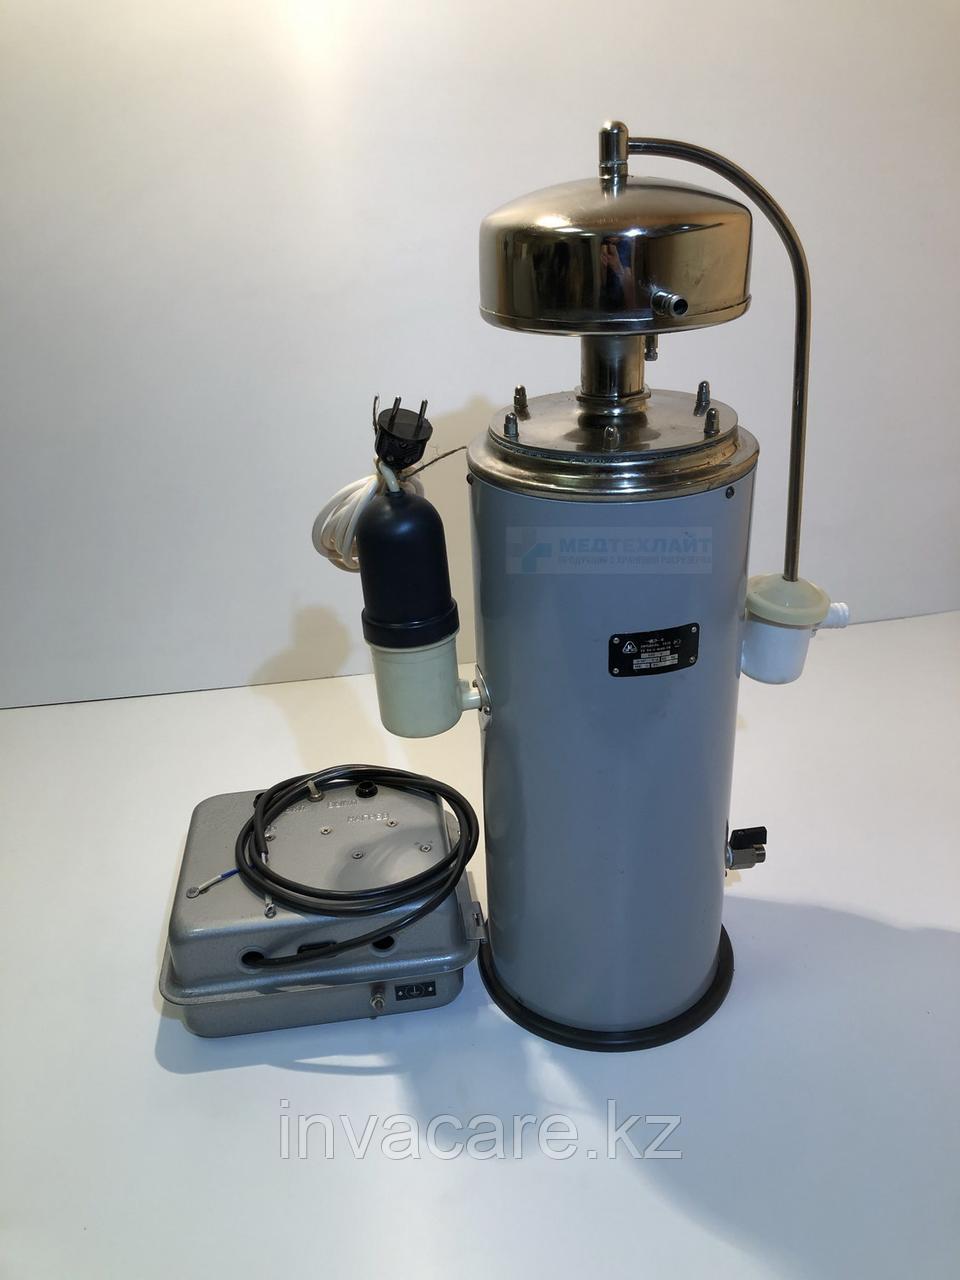 Аквадистиллятор электрический ДЭ-4 ЭМО